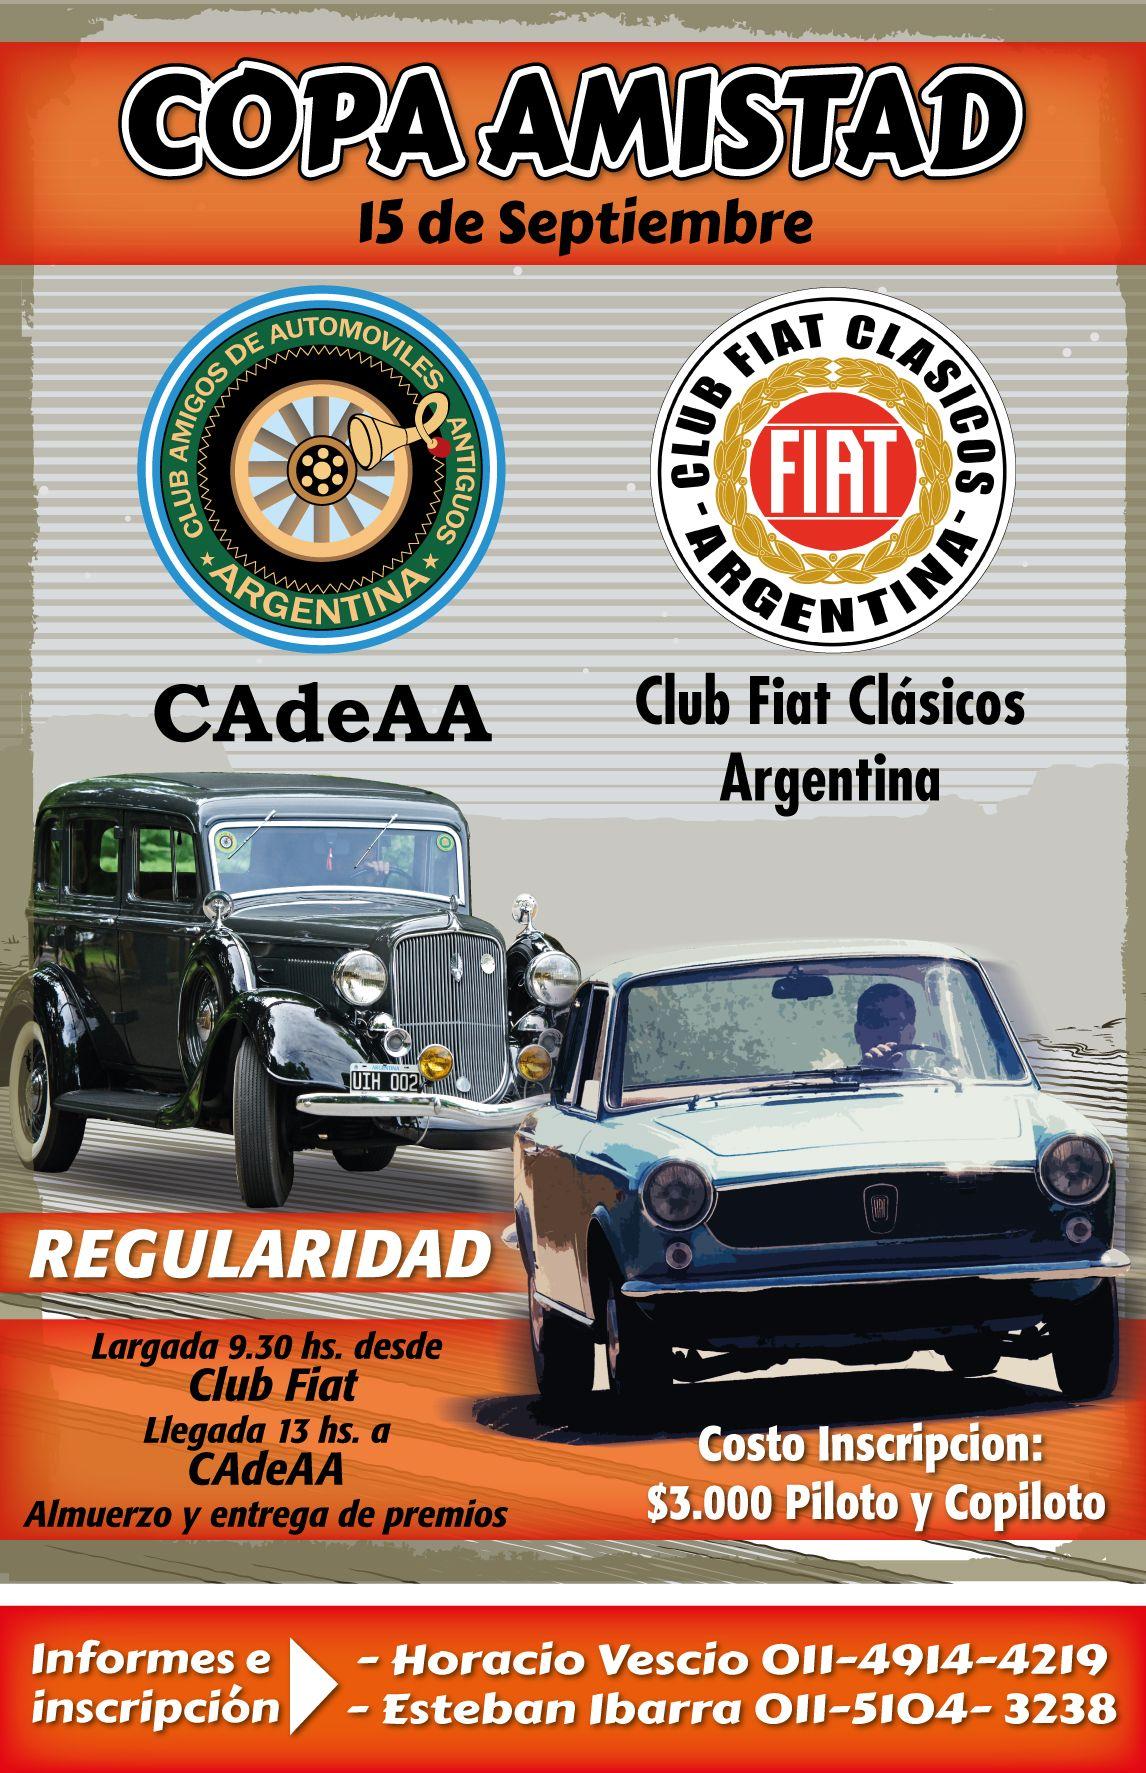 COPA-FIAT-CADEAA